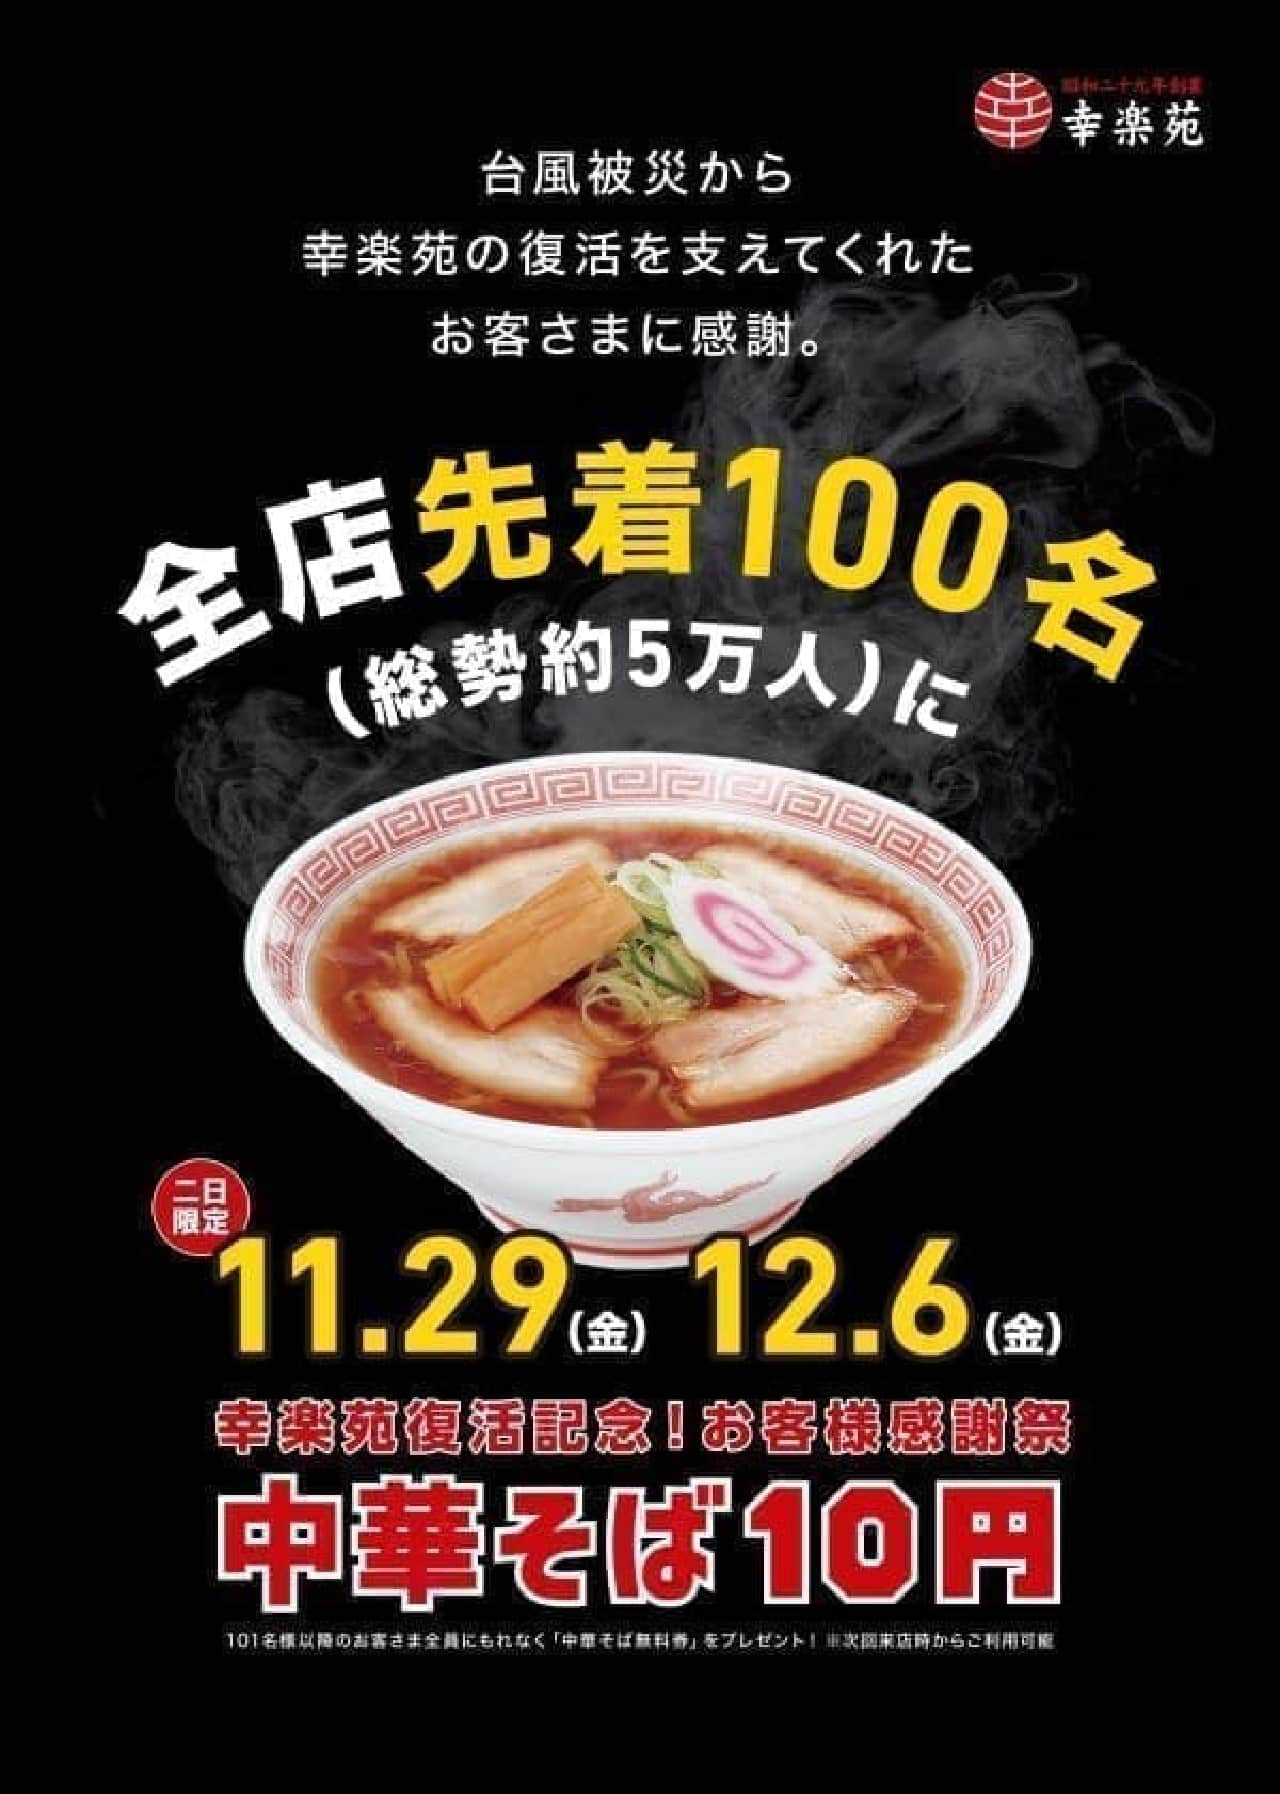 幸楽苑「中華そば10円」キャンペーン